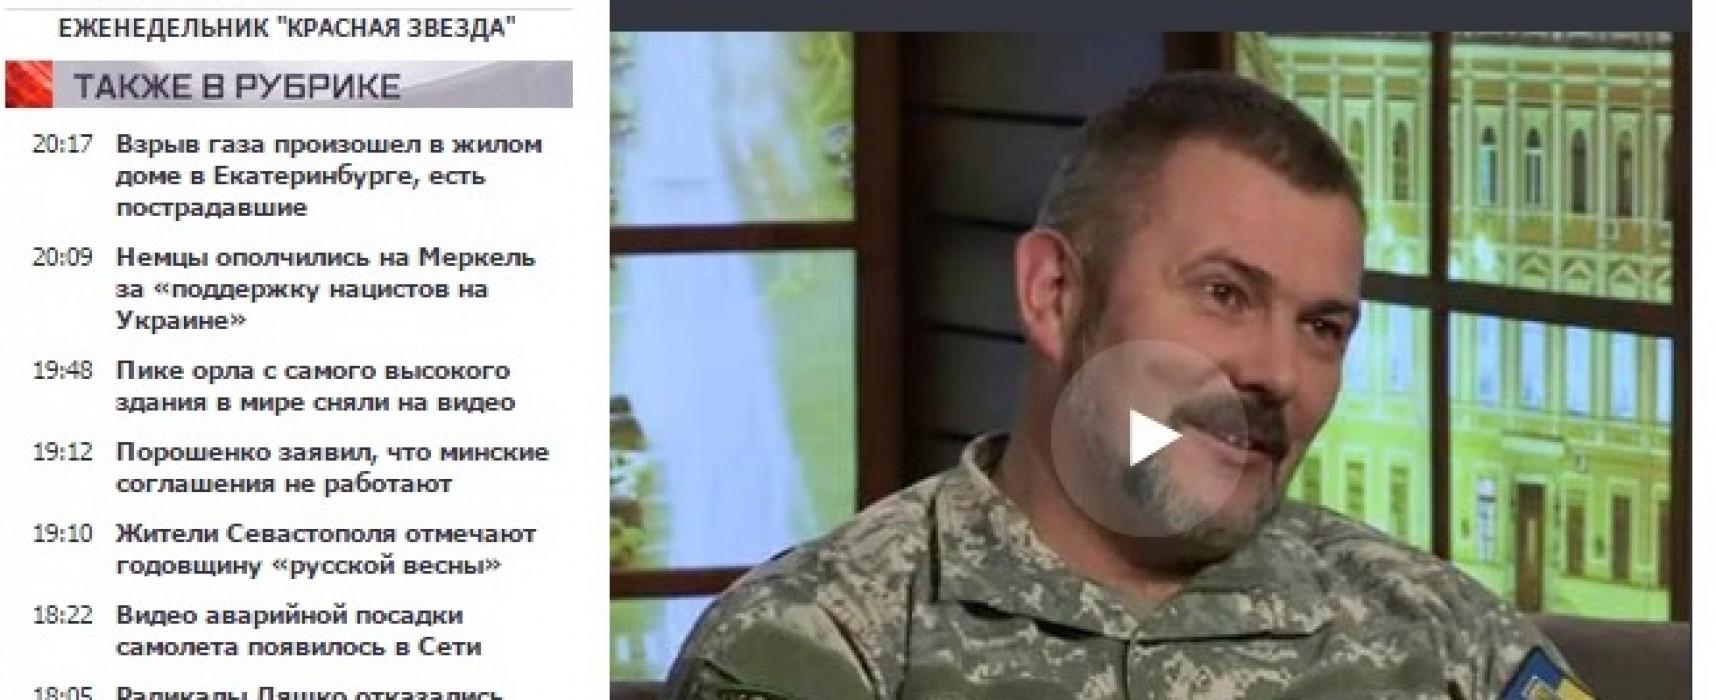 Фейк в заголовке ТРК «Звезда»: украинский комбат признался, как стал фашистом